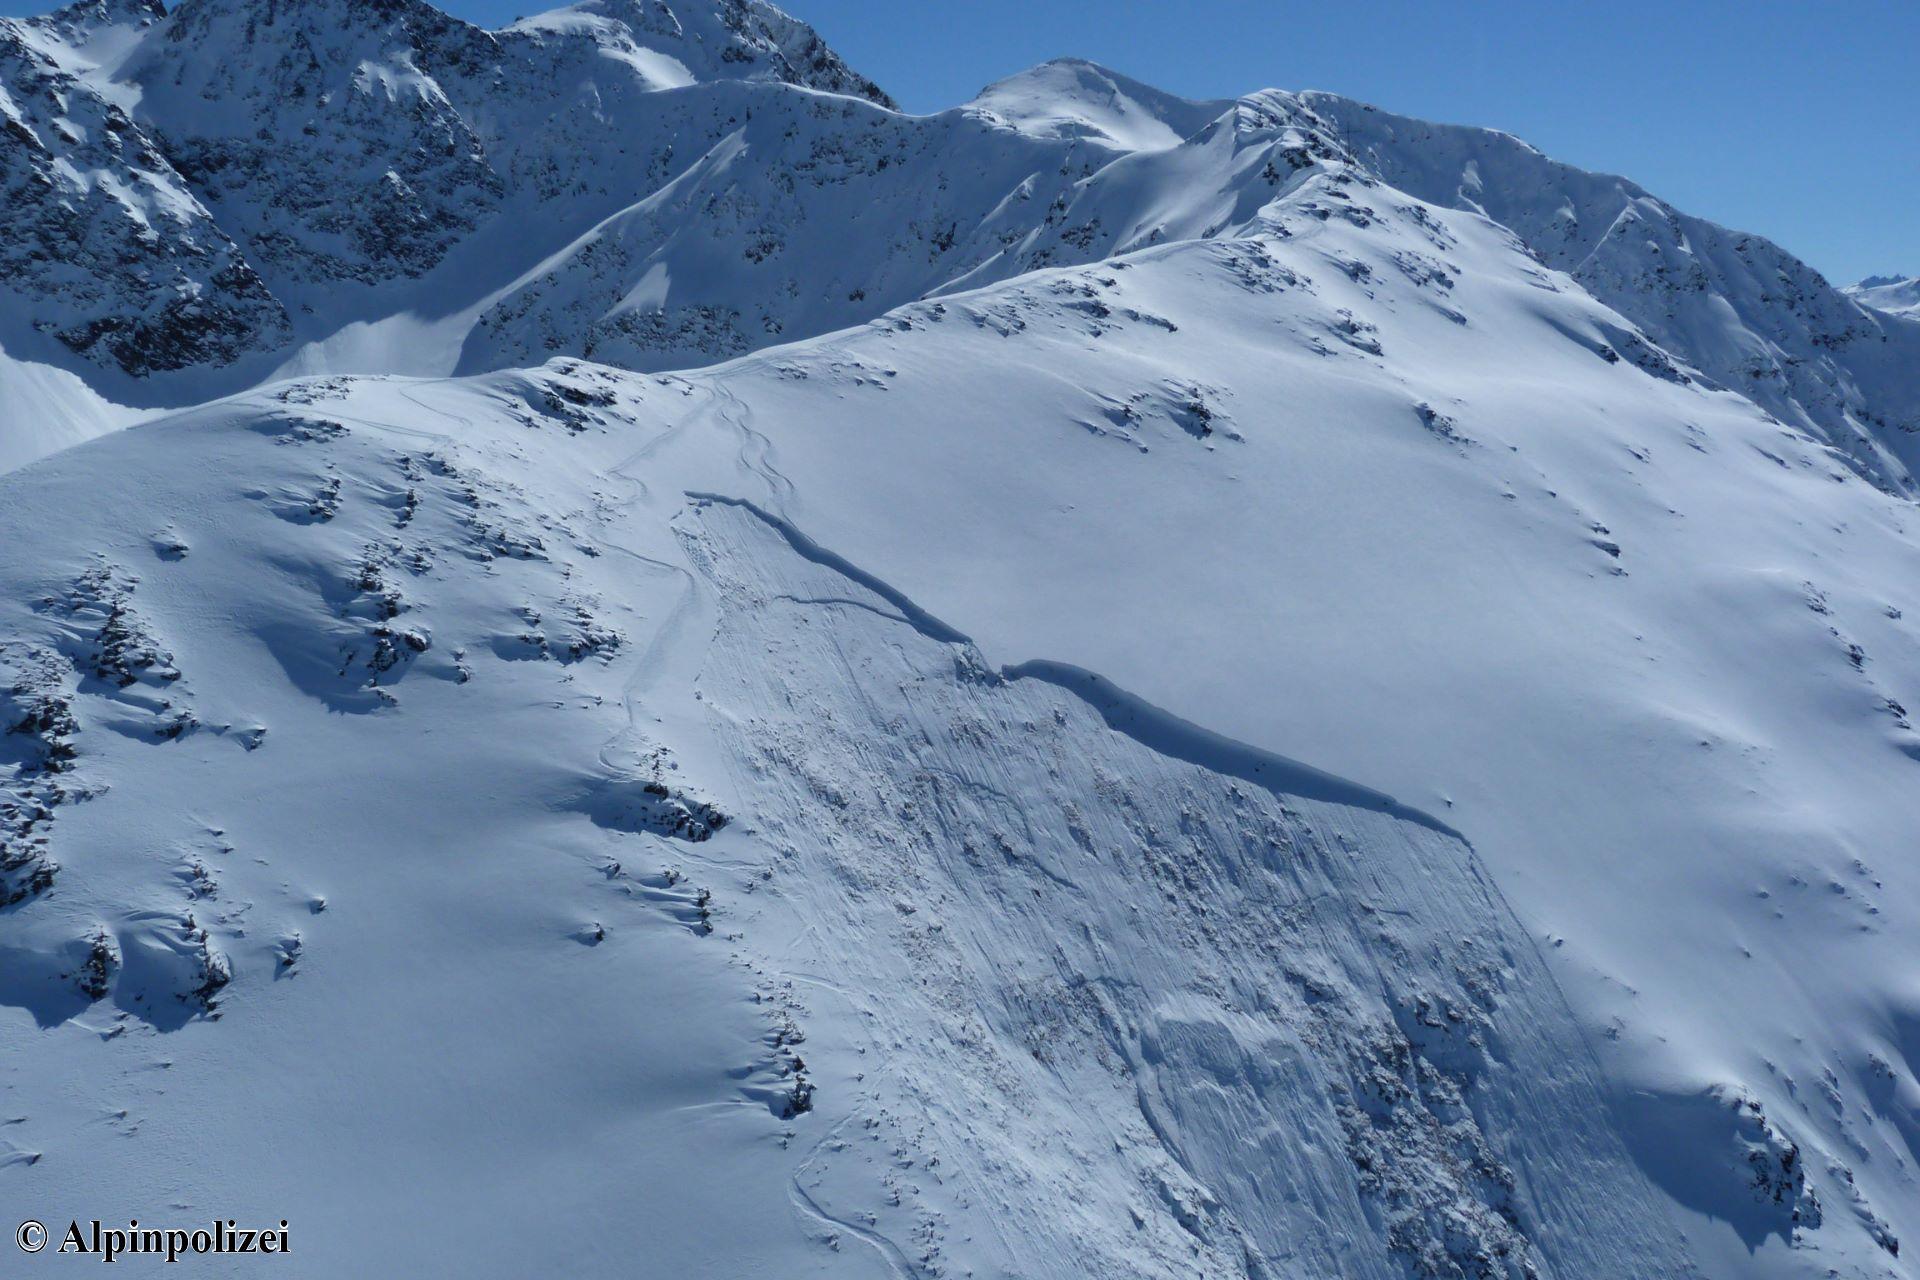 Anriss und Schneebrett Giggler Spitze 24. März 20201 - Foto Alpinpolizei